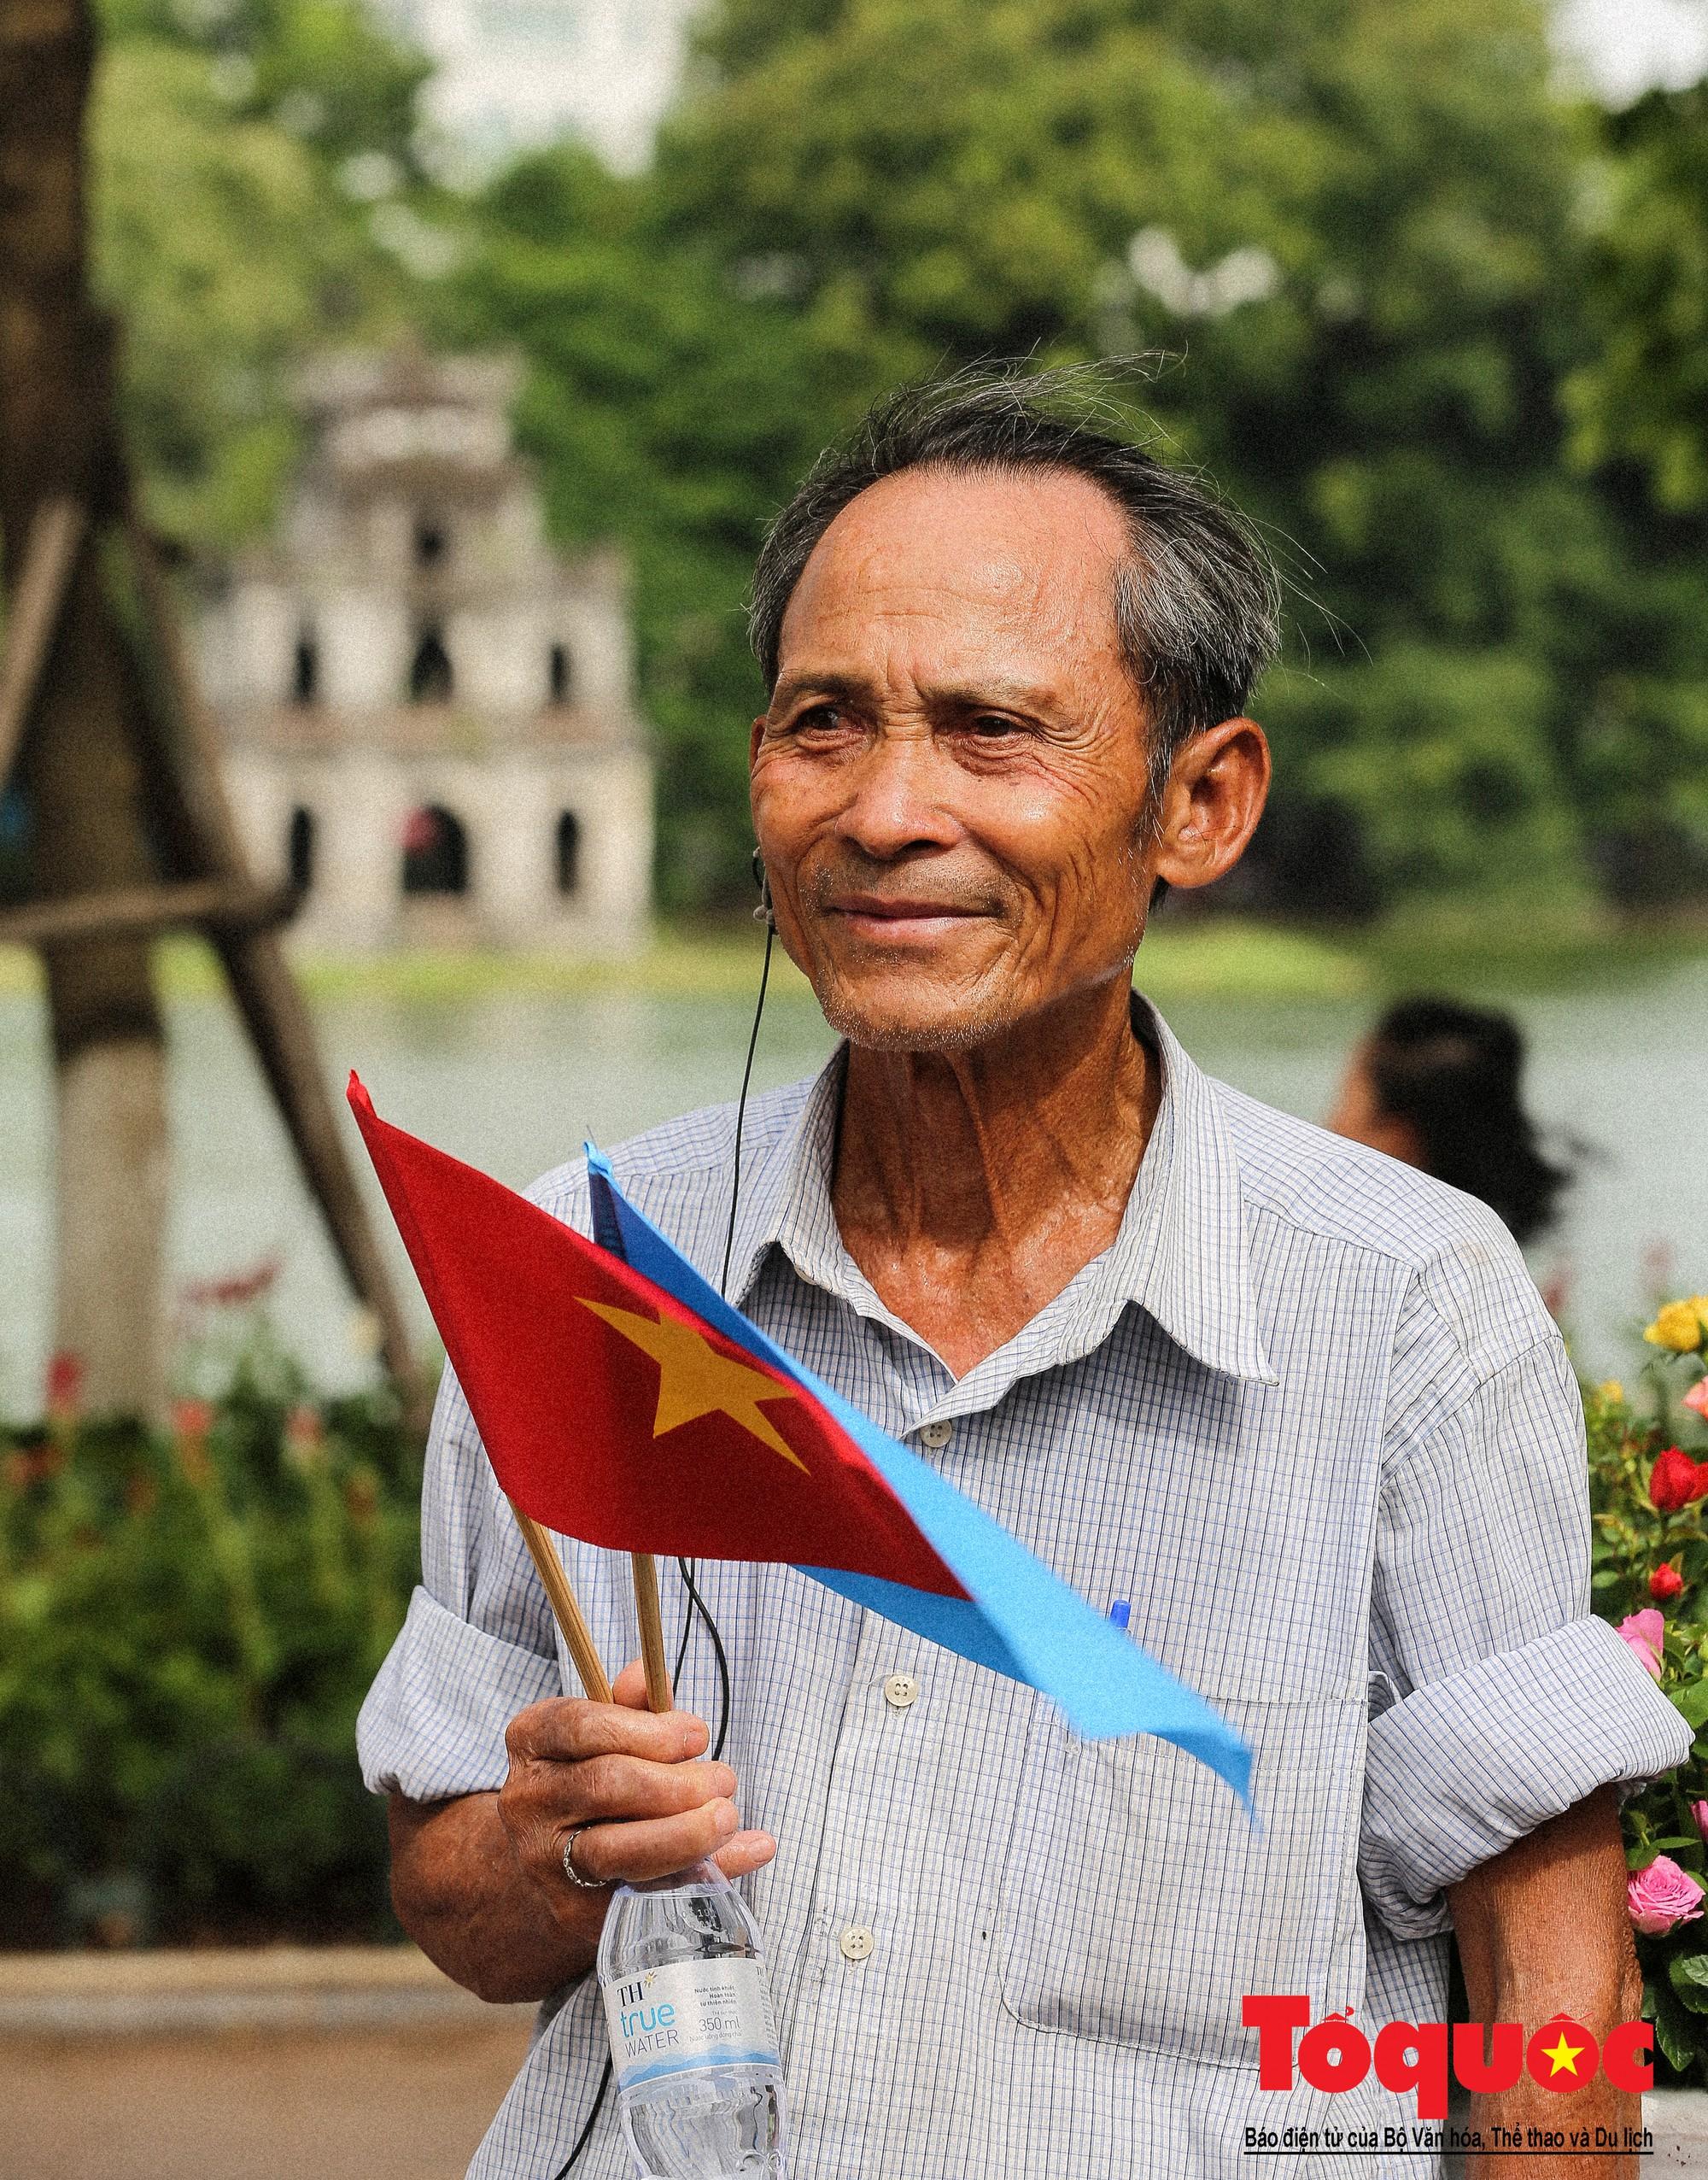 """Lễ kỷ niệm 20 năm thành phố Hà Nội đón nhận danh hiệu """"Thành phố Vì hòa bình"""" (11)"""